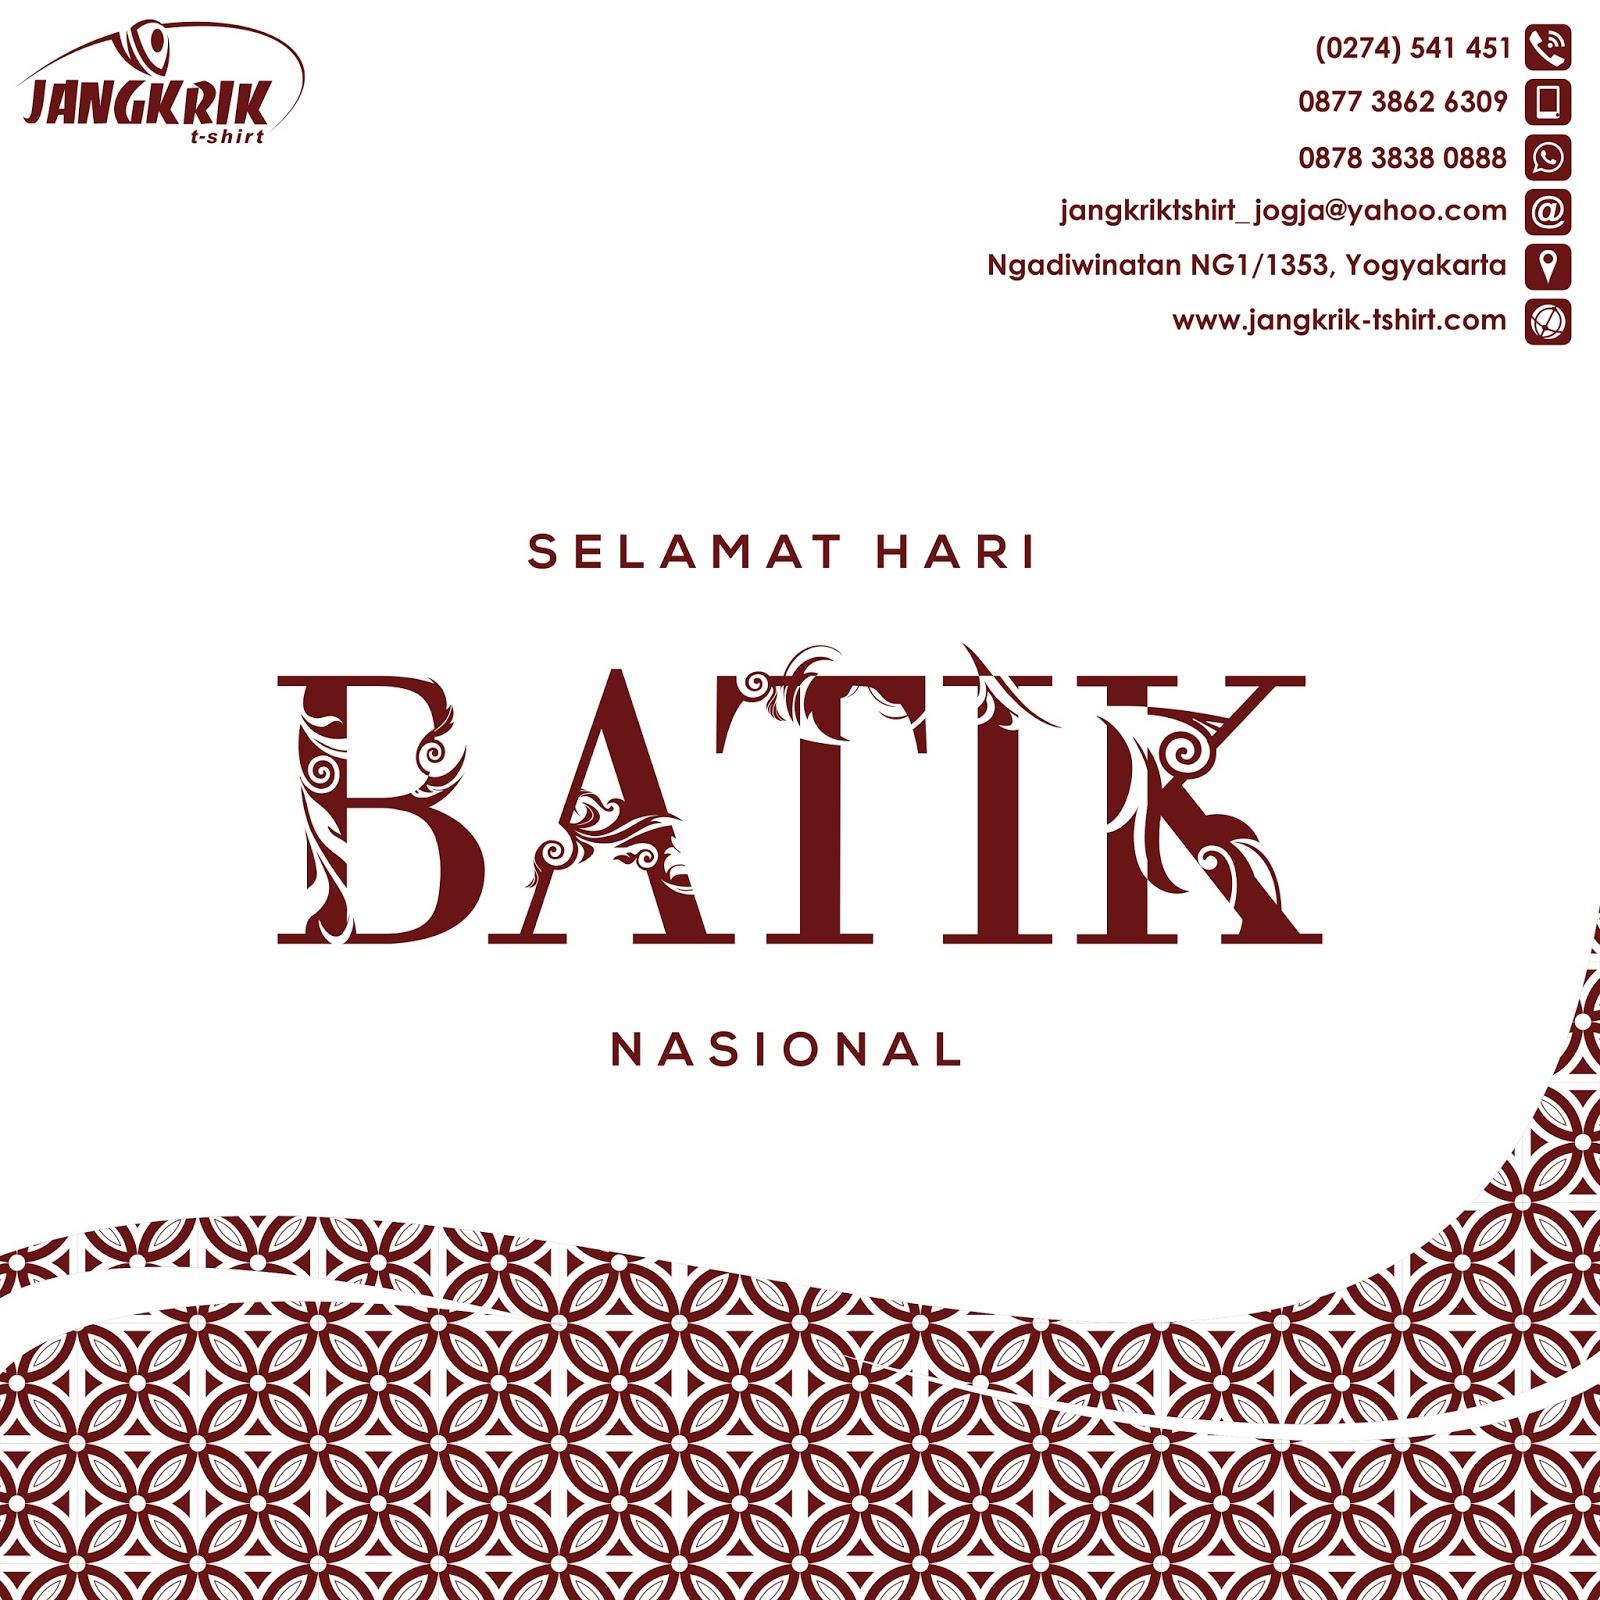 Jadi di Hari Batik Nasional mari semakin tingkatkan kecintaan kita pada batik Tanah Air Selamat Hari Batik Nasional 2017 ya